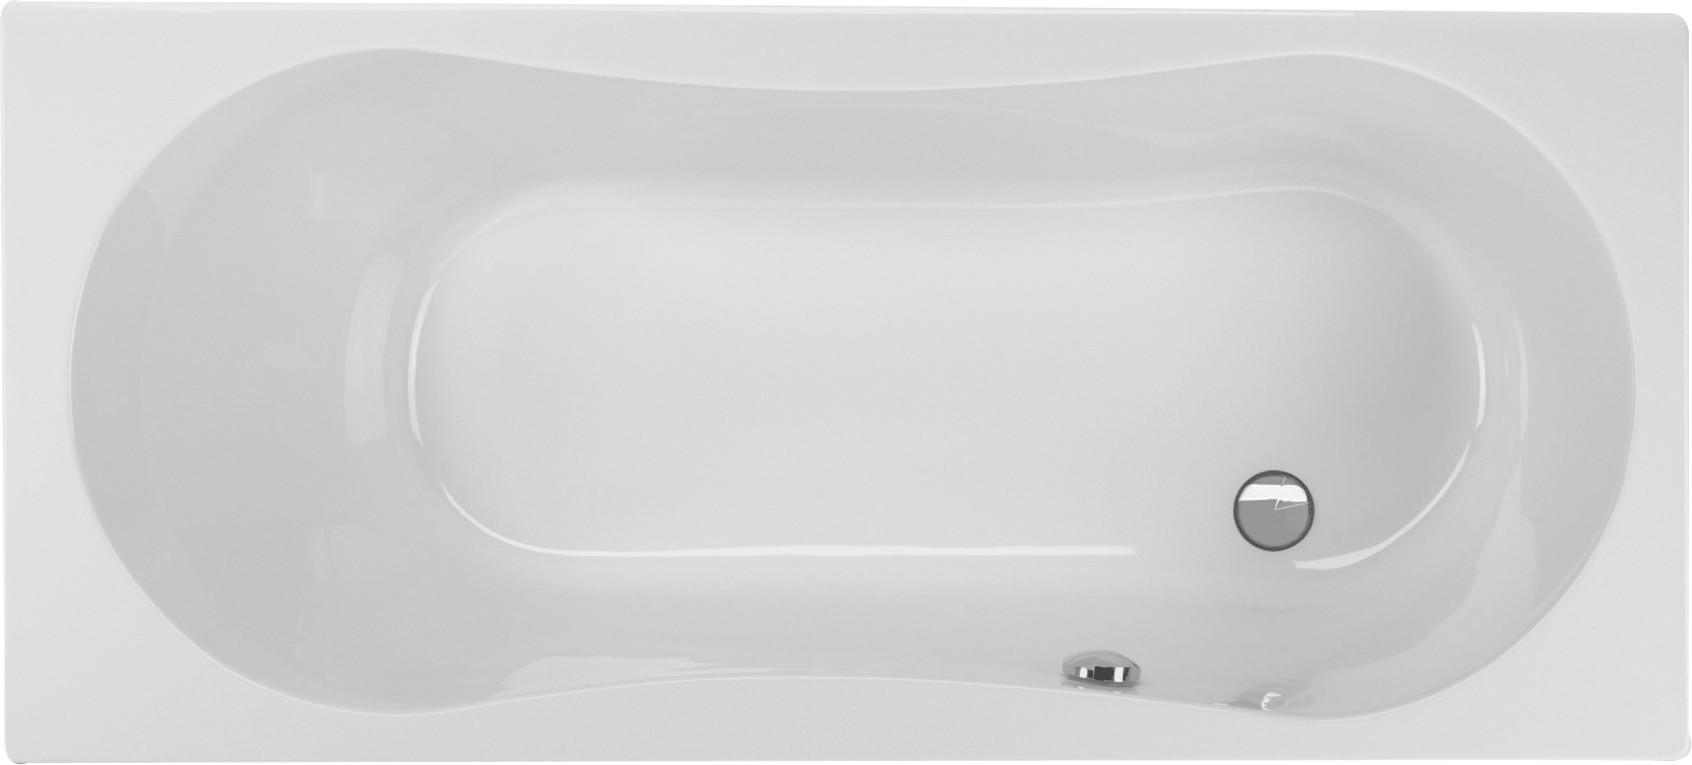 Badewanne mit Dusche 170 x 75 x 43,5 cm | Bad Design Heizung